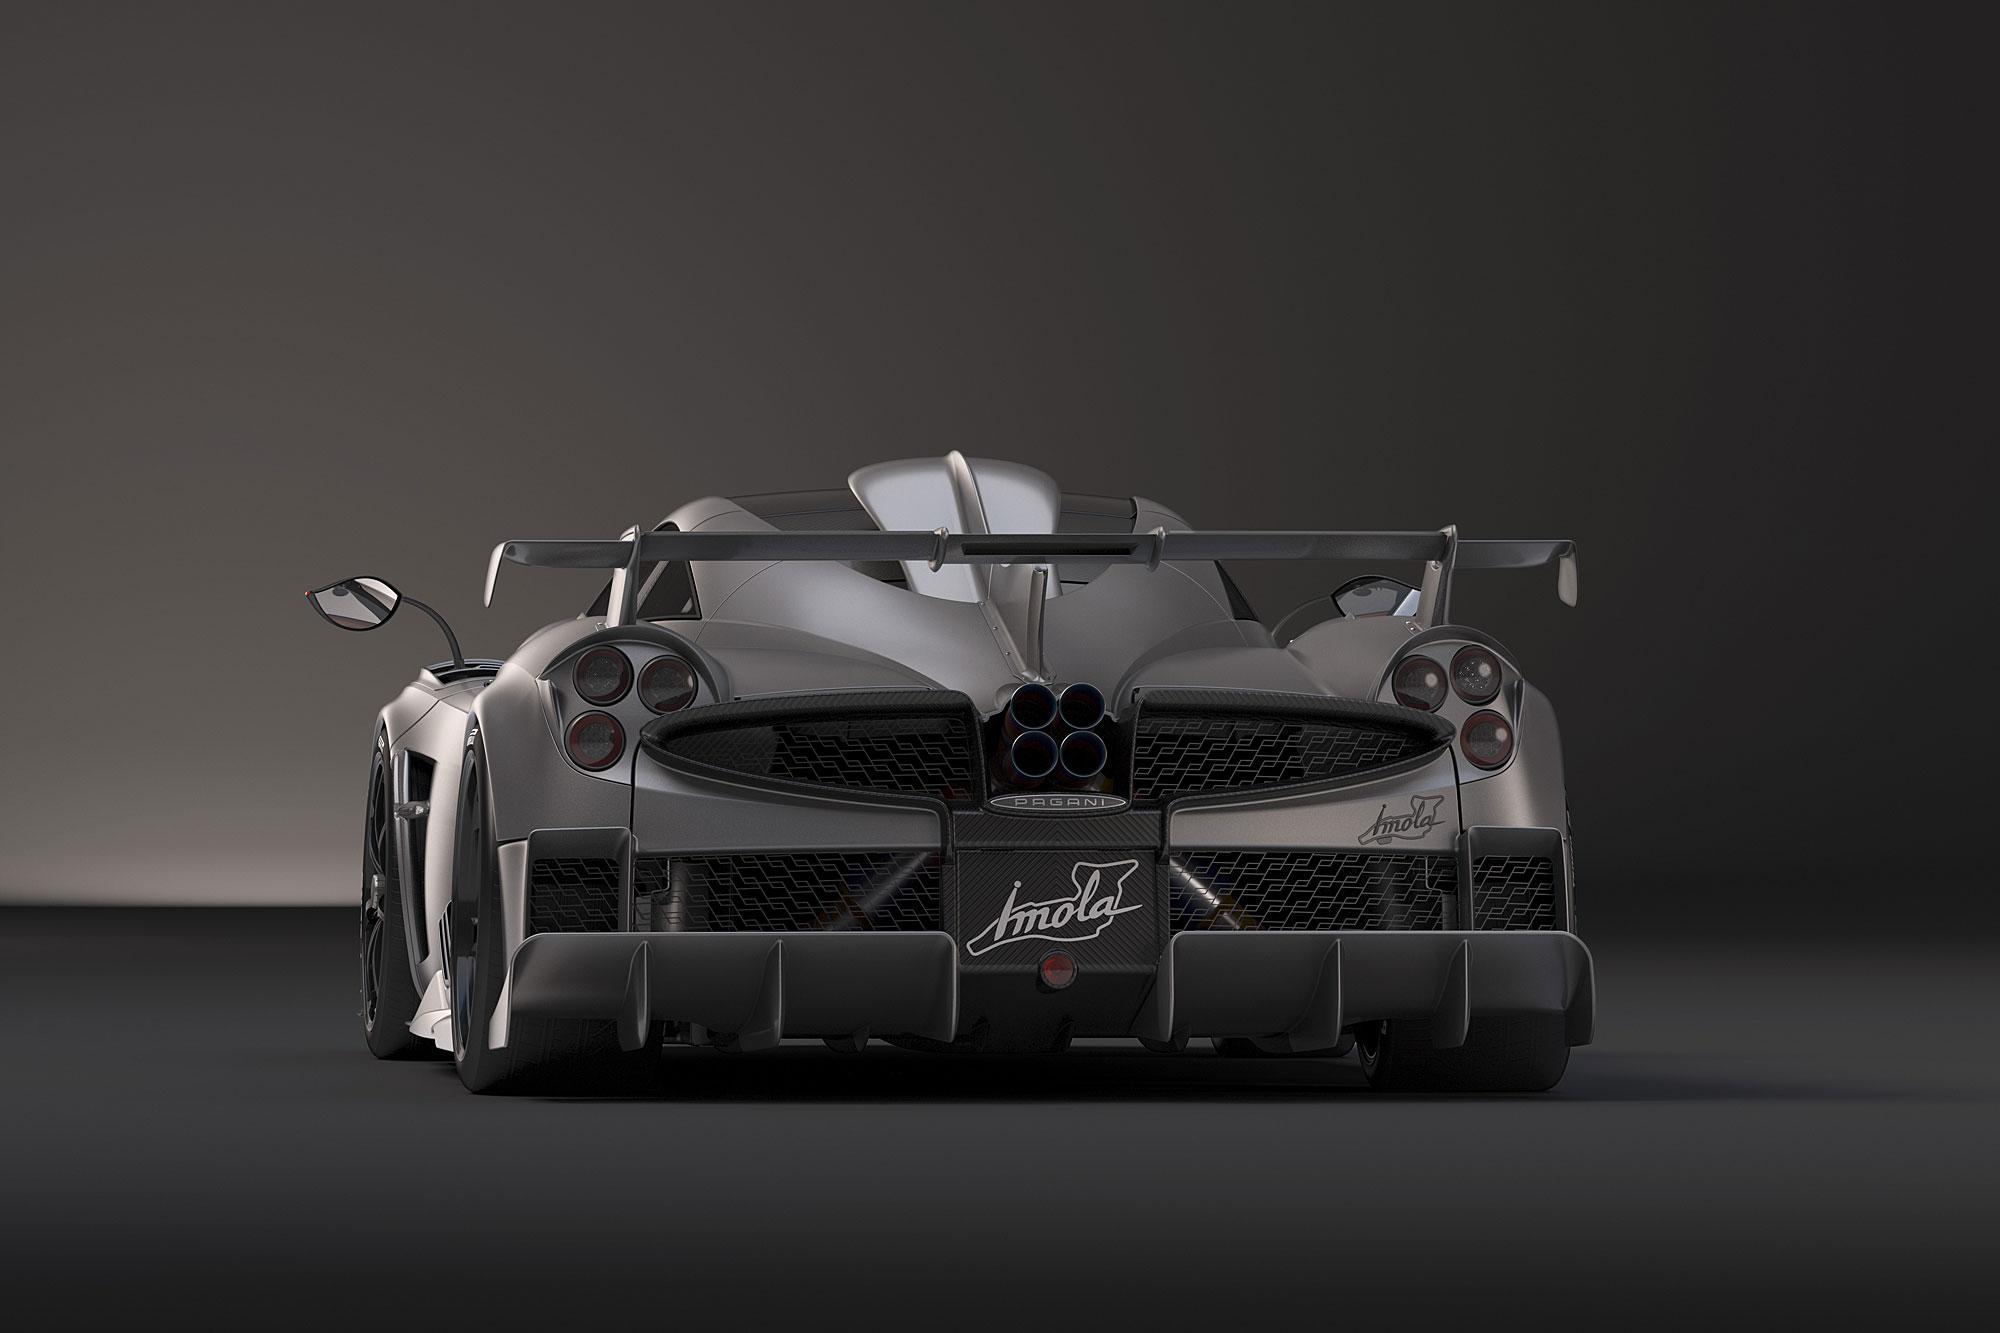 車尾除了固定式尾翼,更導入賽車化的底盤分流器。